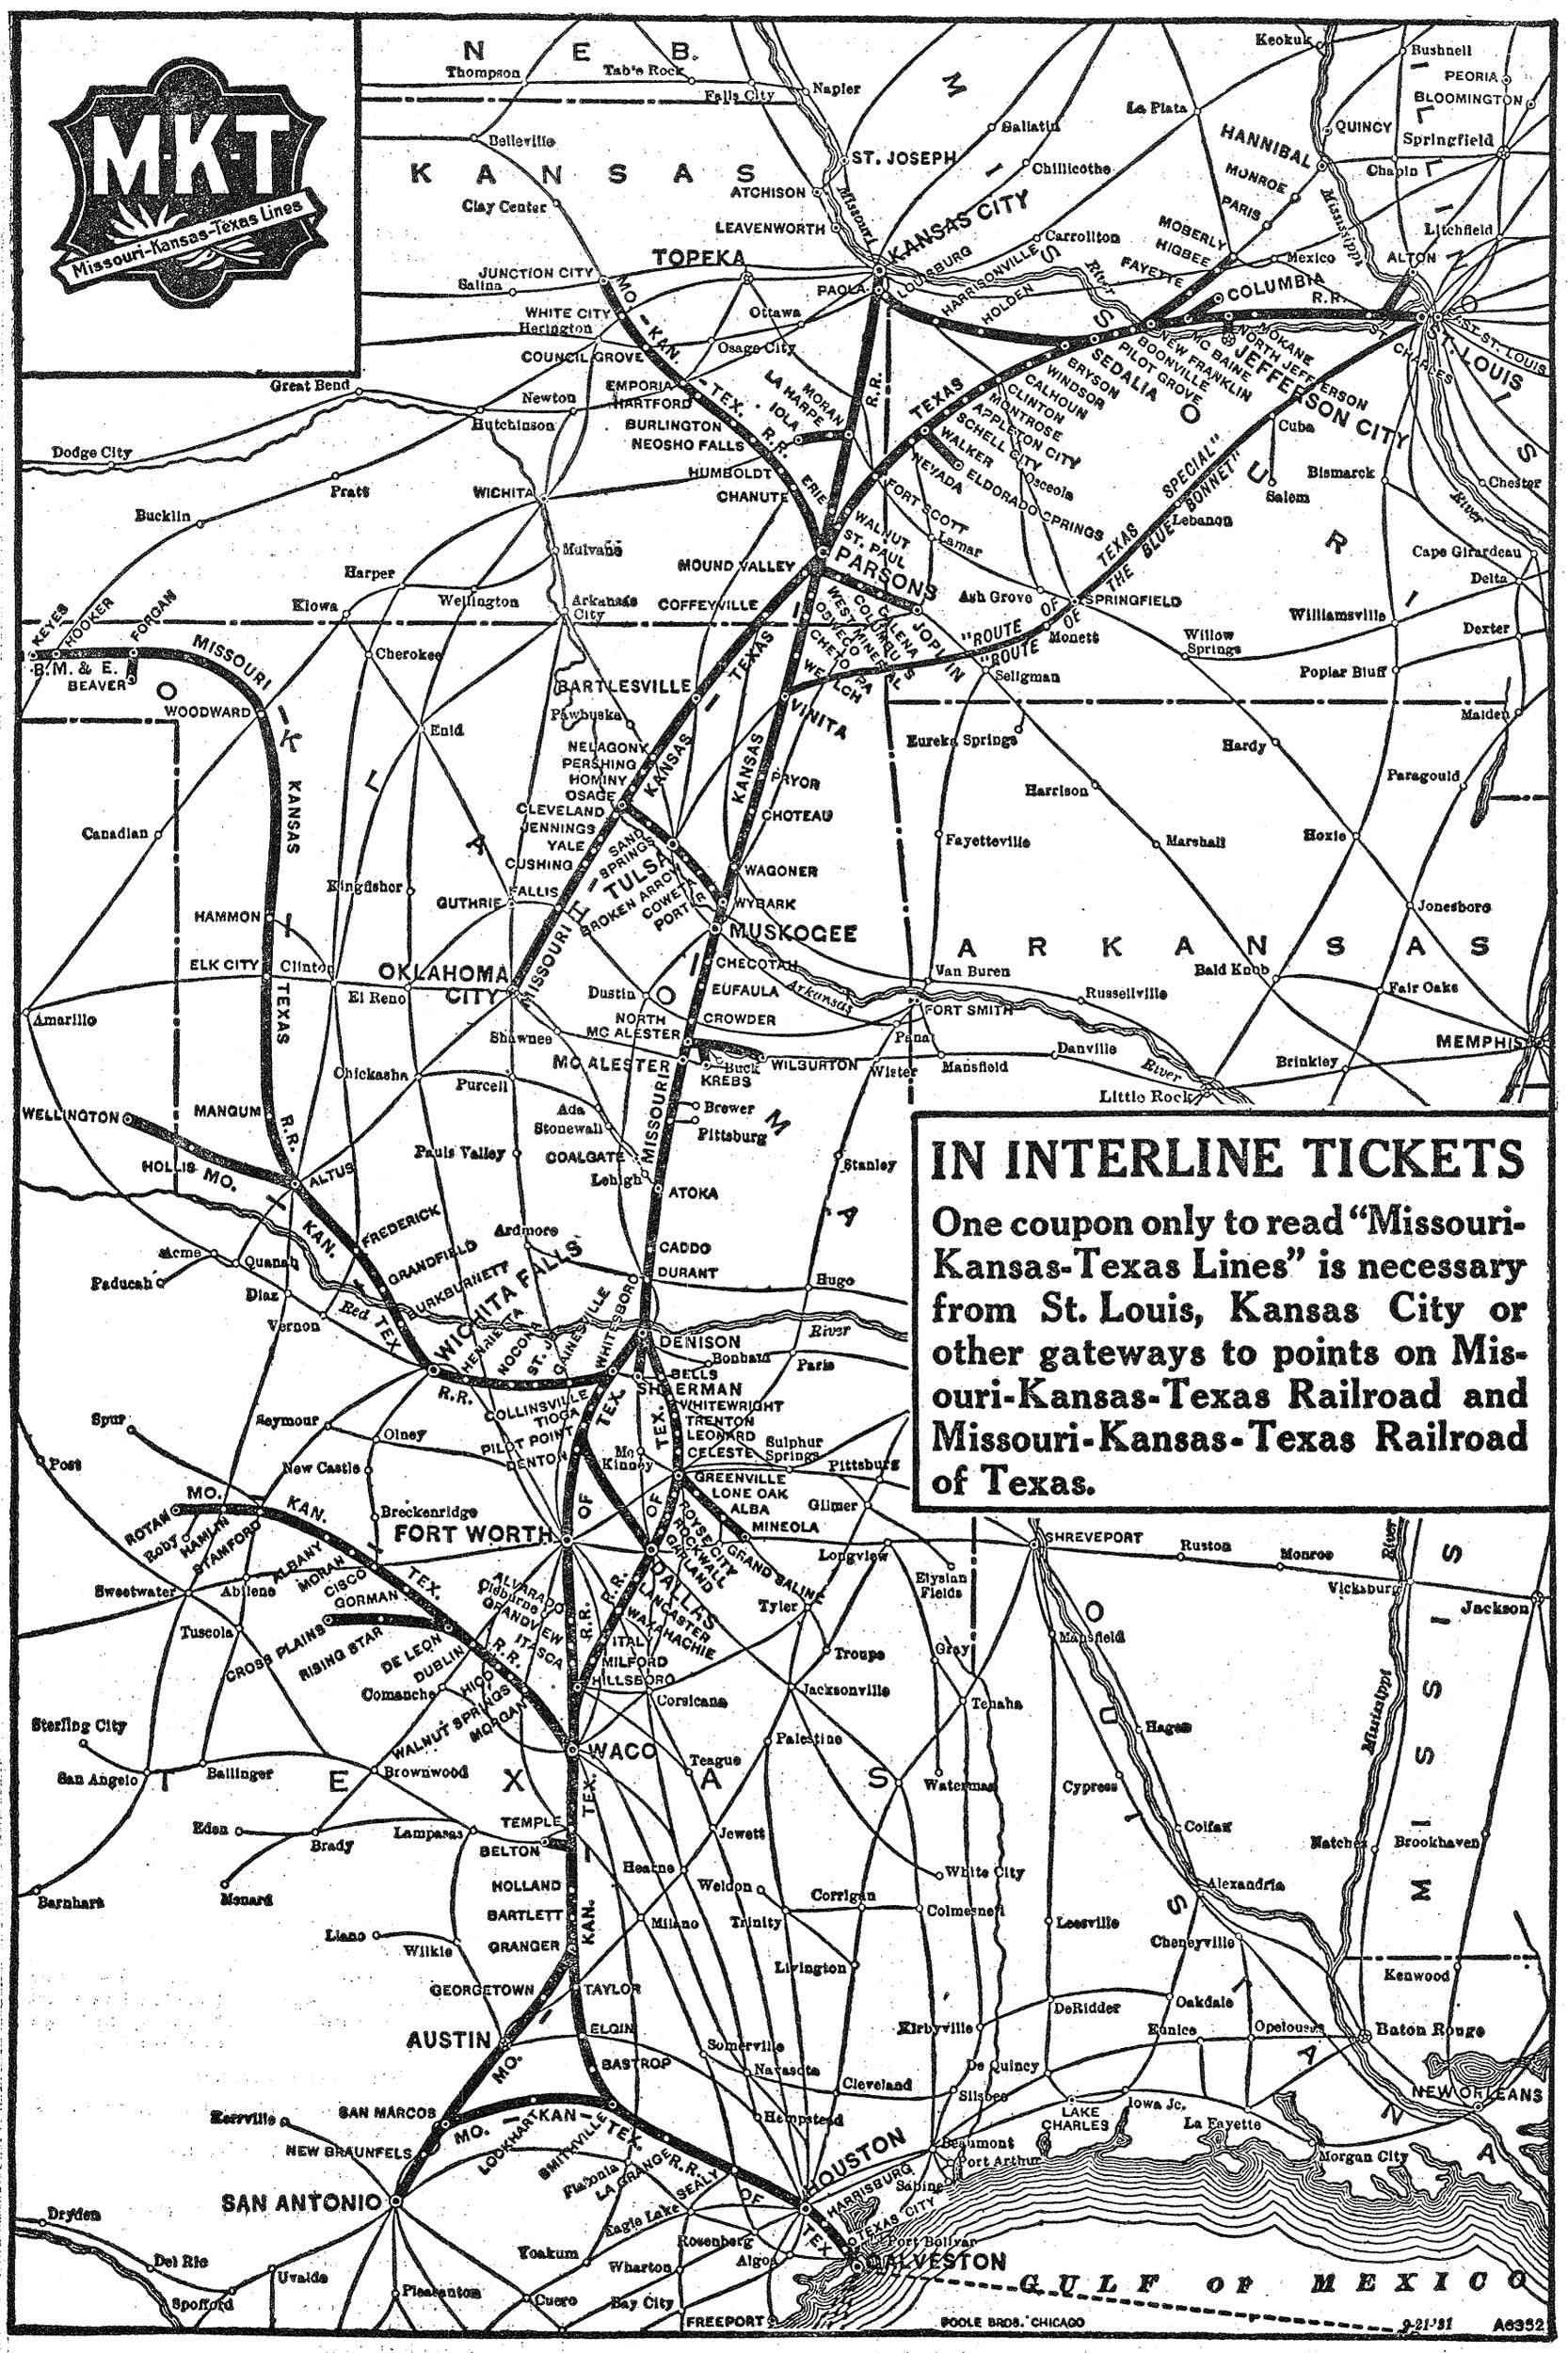 The Missouri-Kansas-Texas The Katy Railroad,